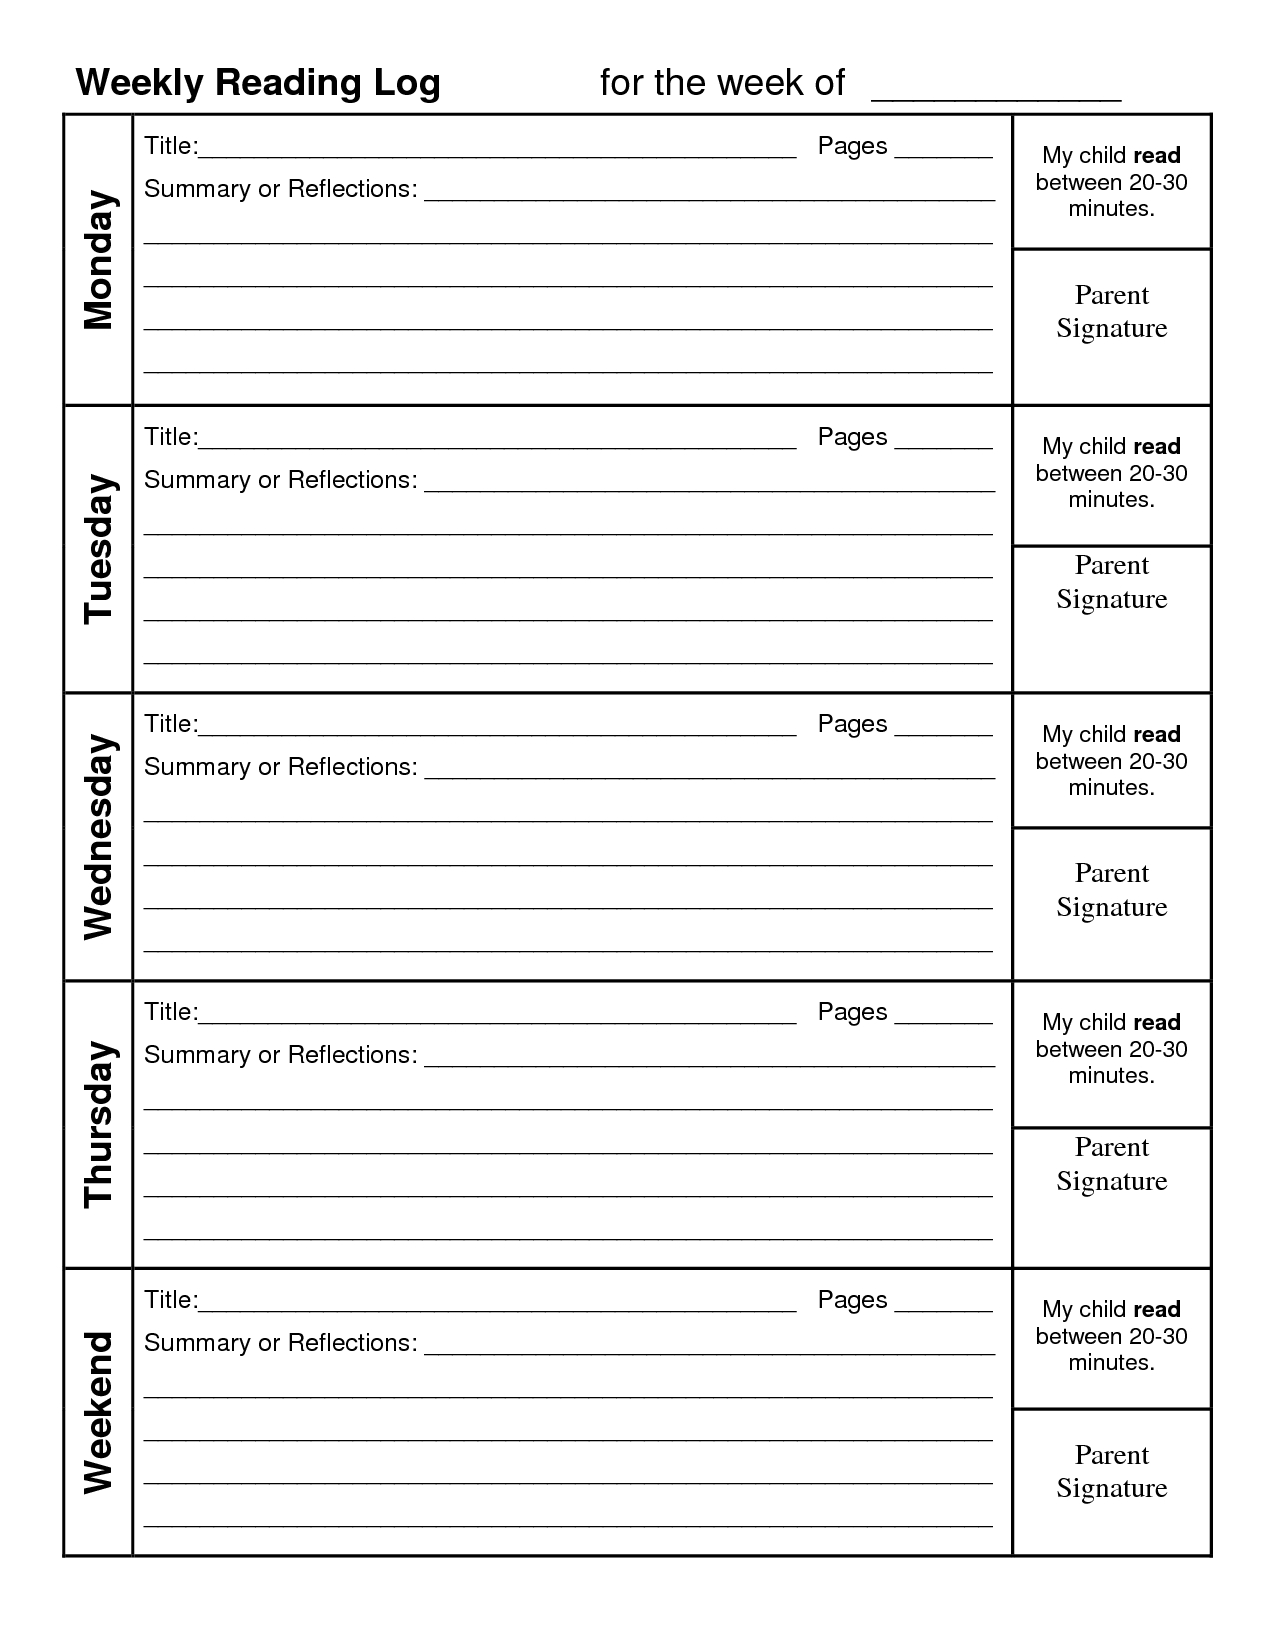 Log Reading Printable Weekly Calendar | Weekly Reading Log  4Th Grade Reading Log Printable